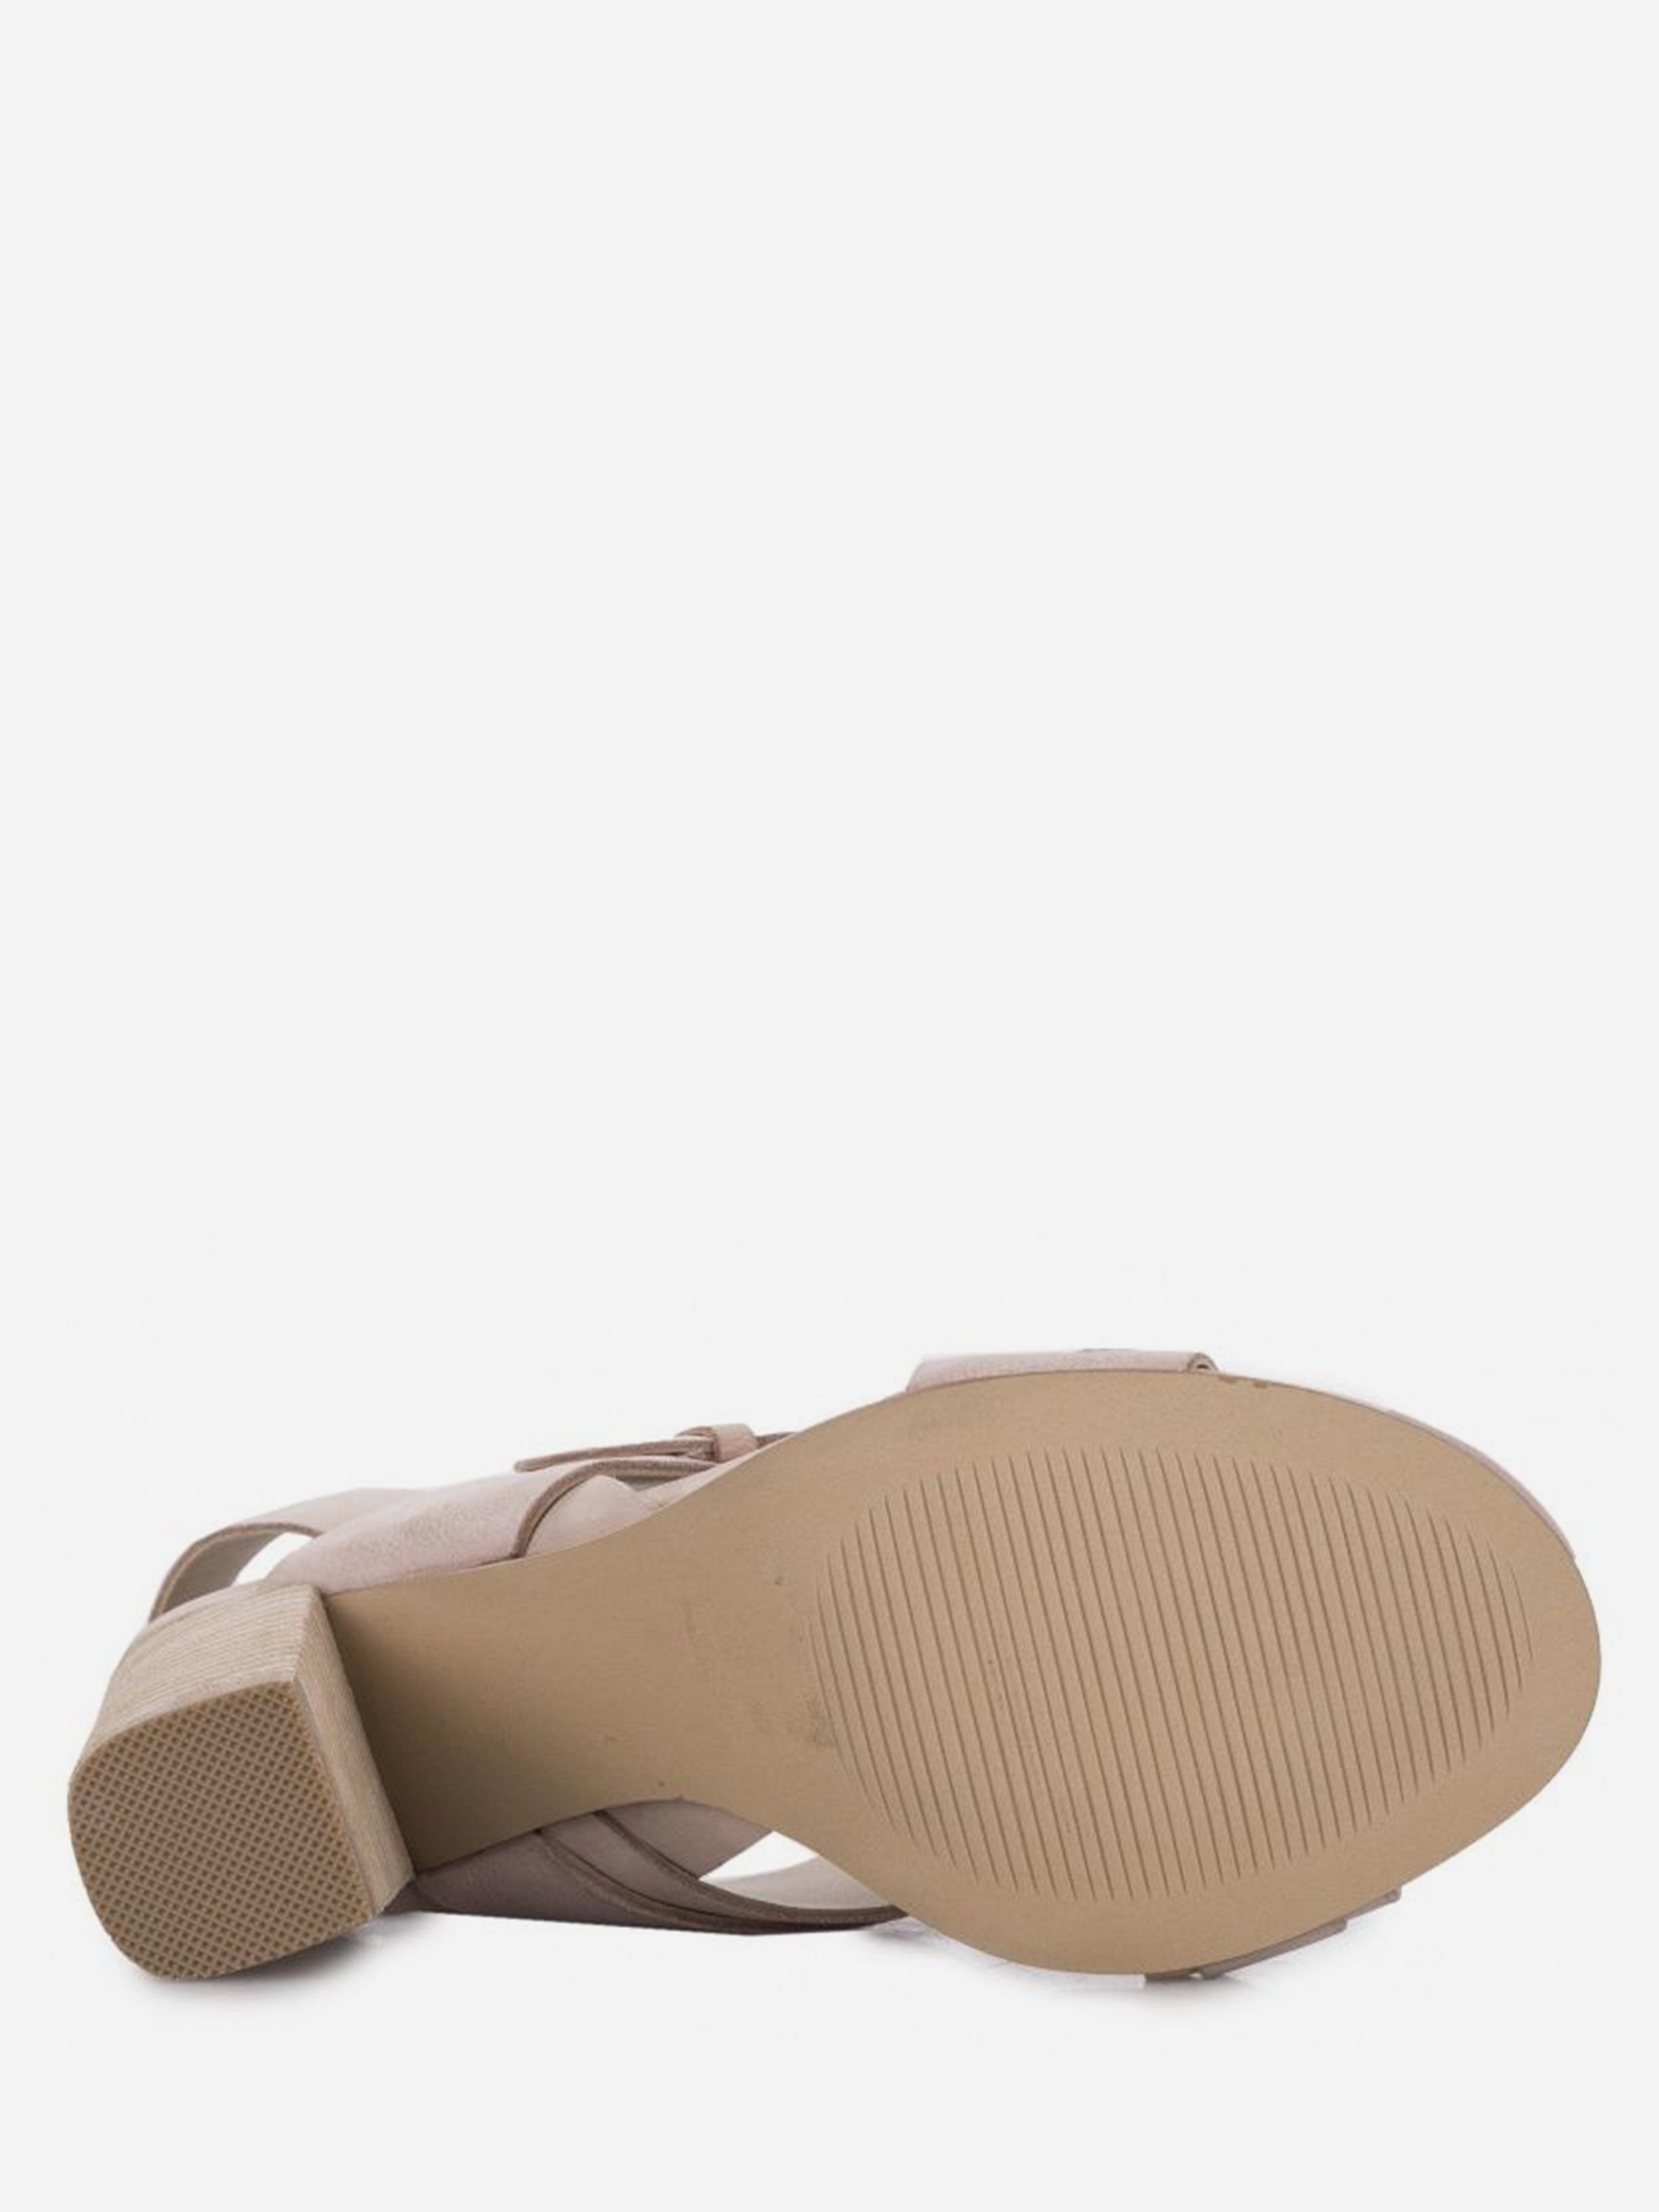 Босоножки женские Braska BS3050 размерная сетка обуви, 2017